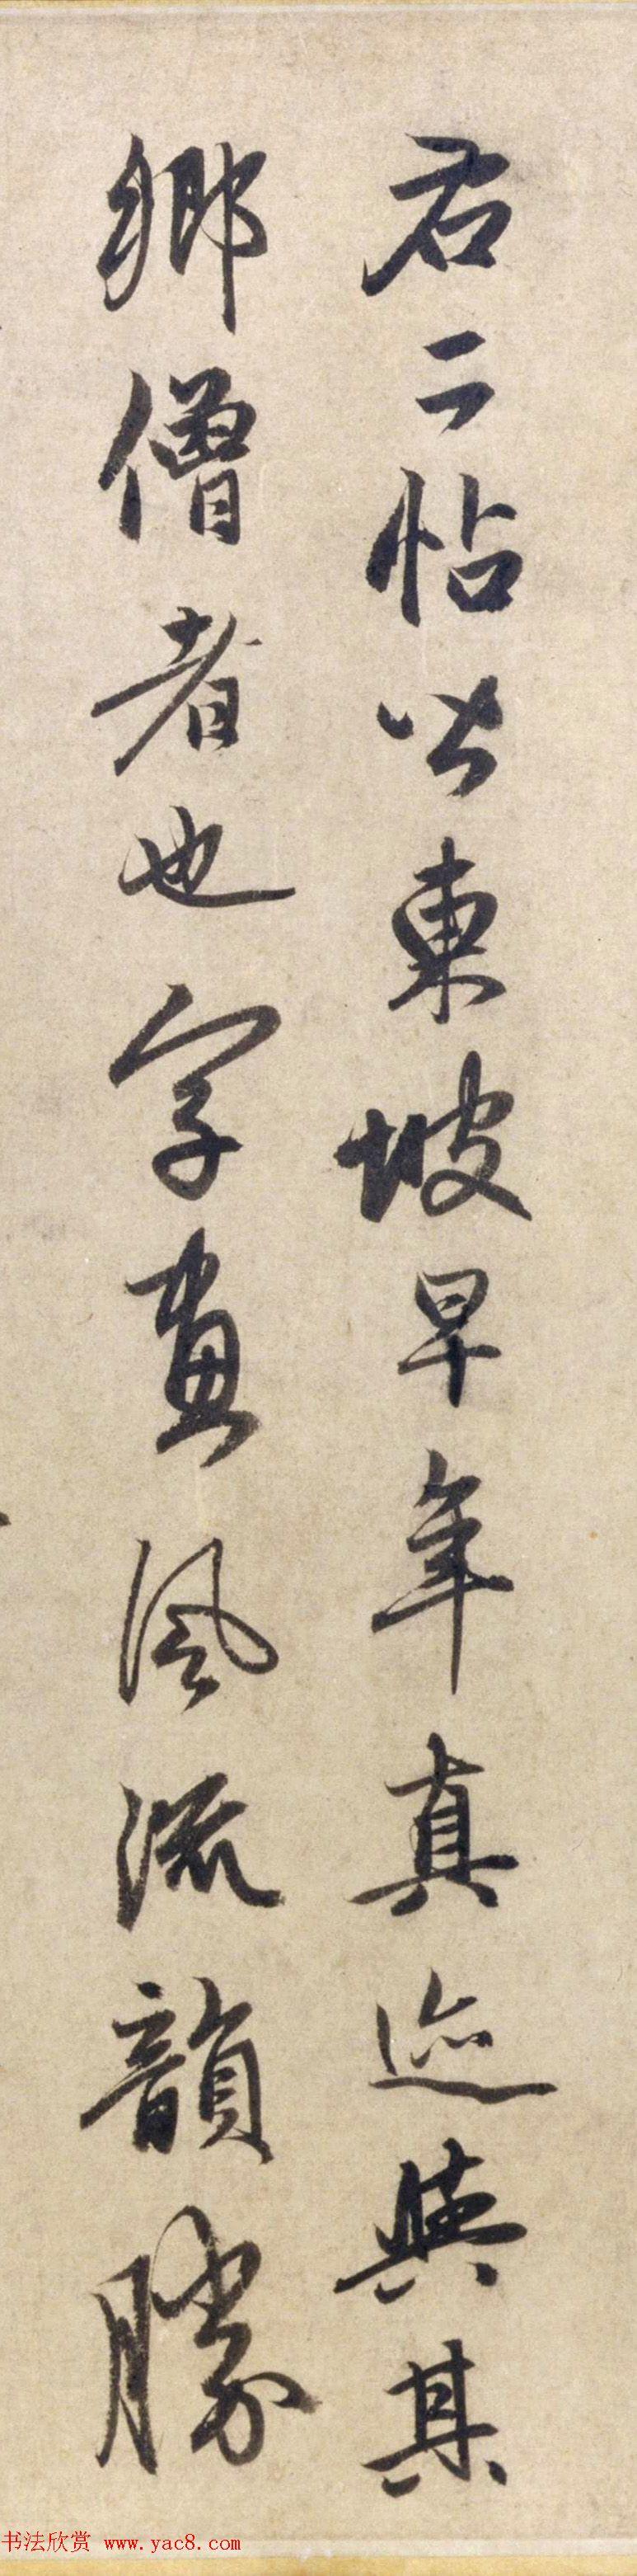 赵孟頫行书跋苏轼《治平帖》